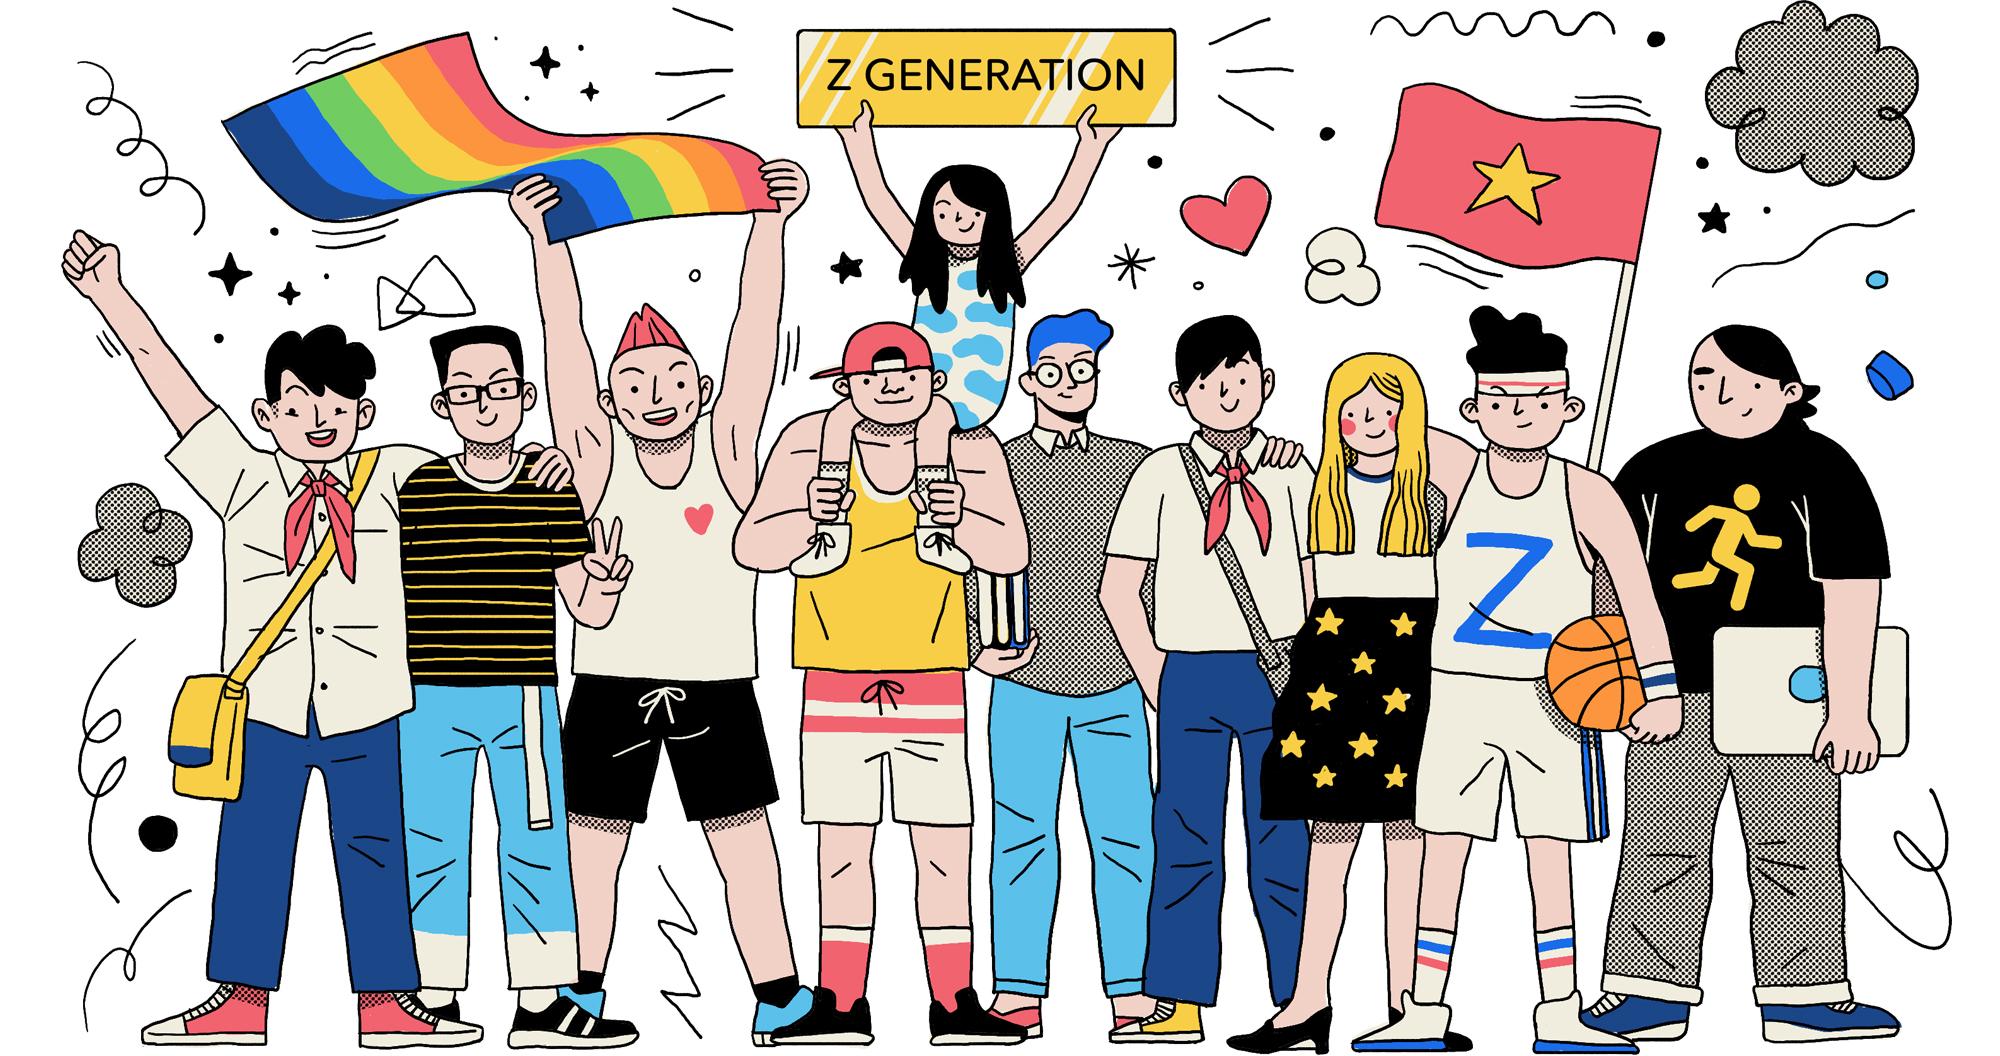 Chào đón thế hệ Z, thế hệ trải qua nhiều thay đổi kinh ngạc nhất mà chúng ta từng biết! - Ảnh 10.